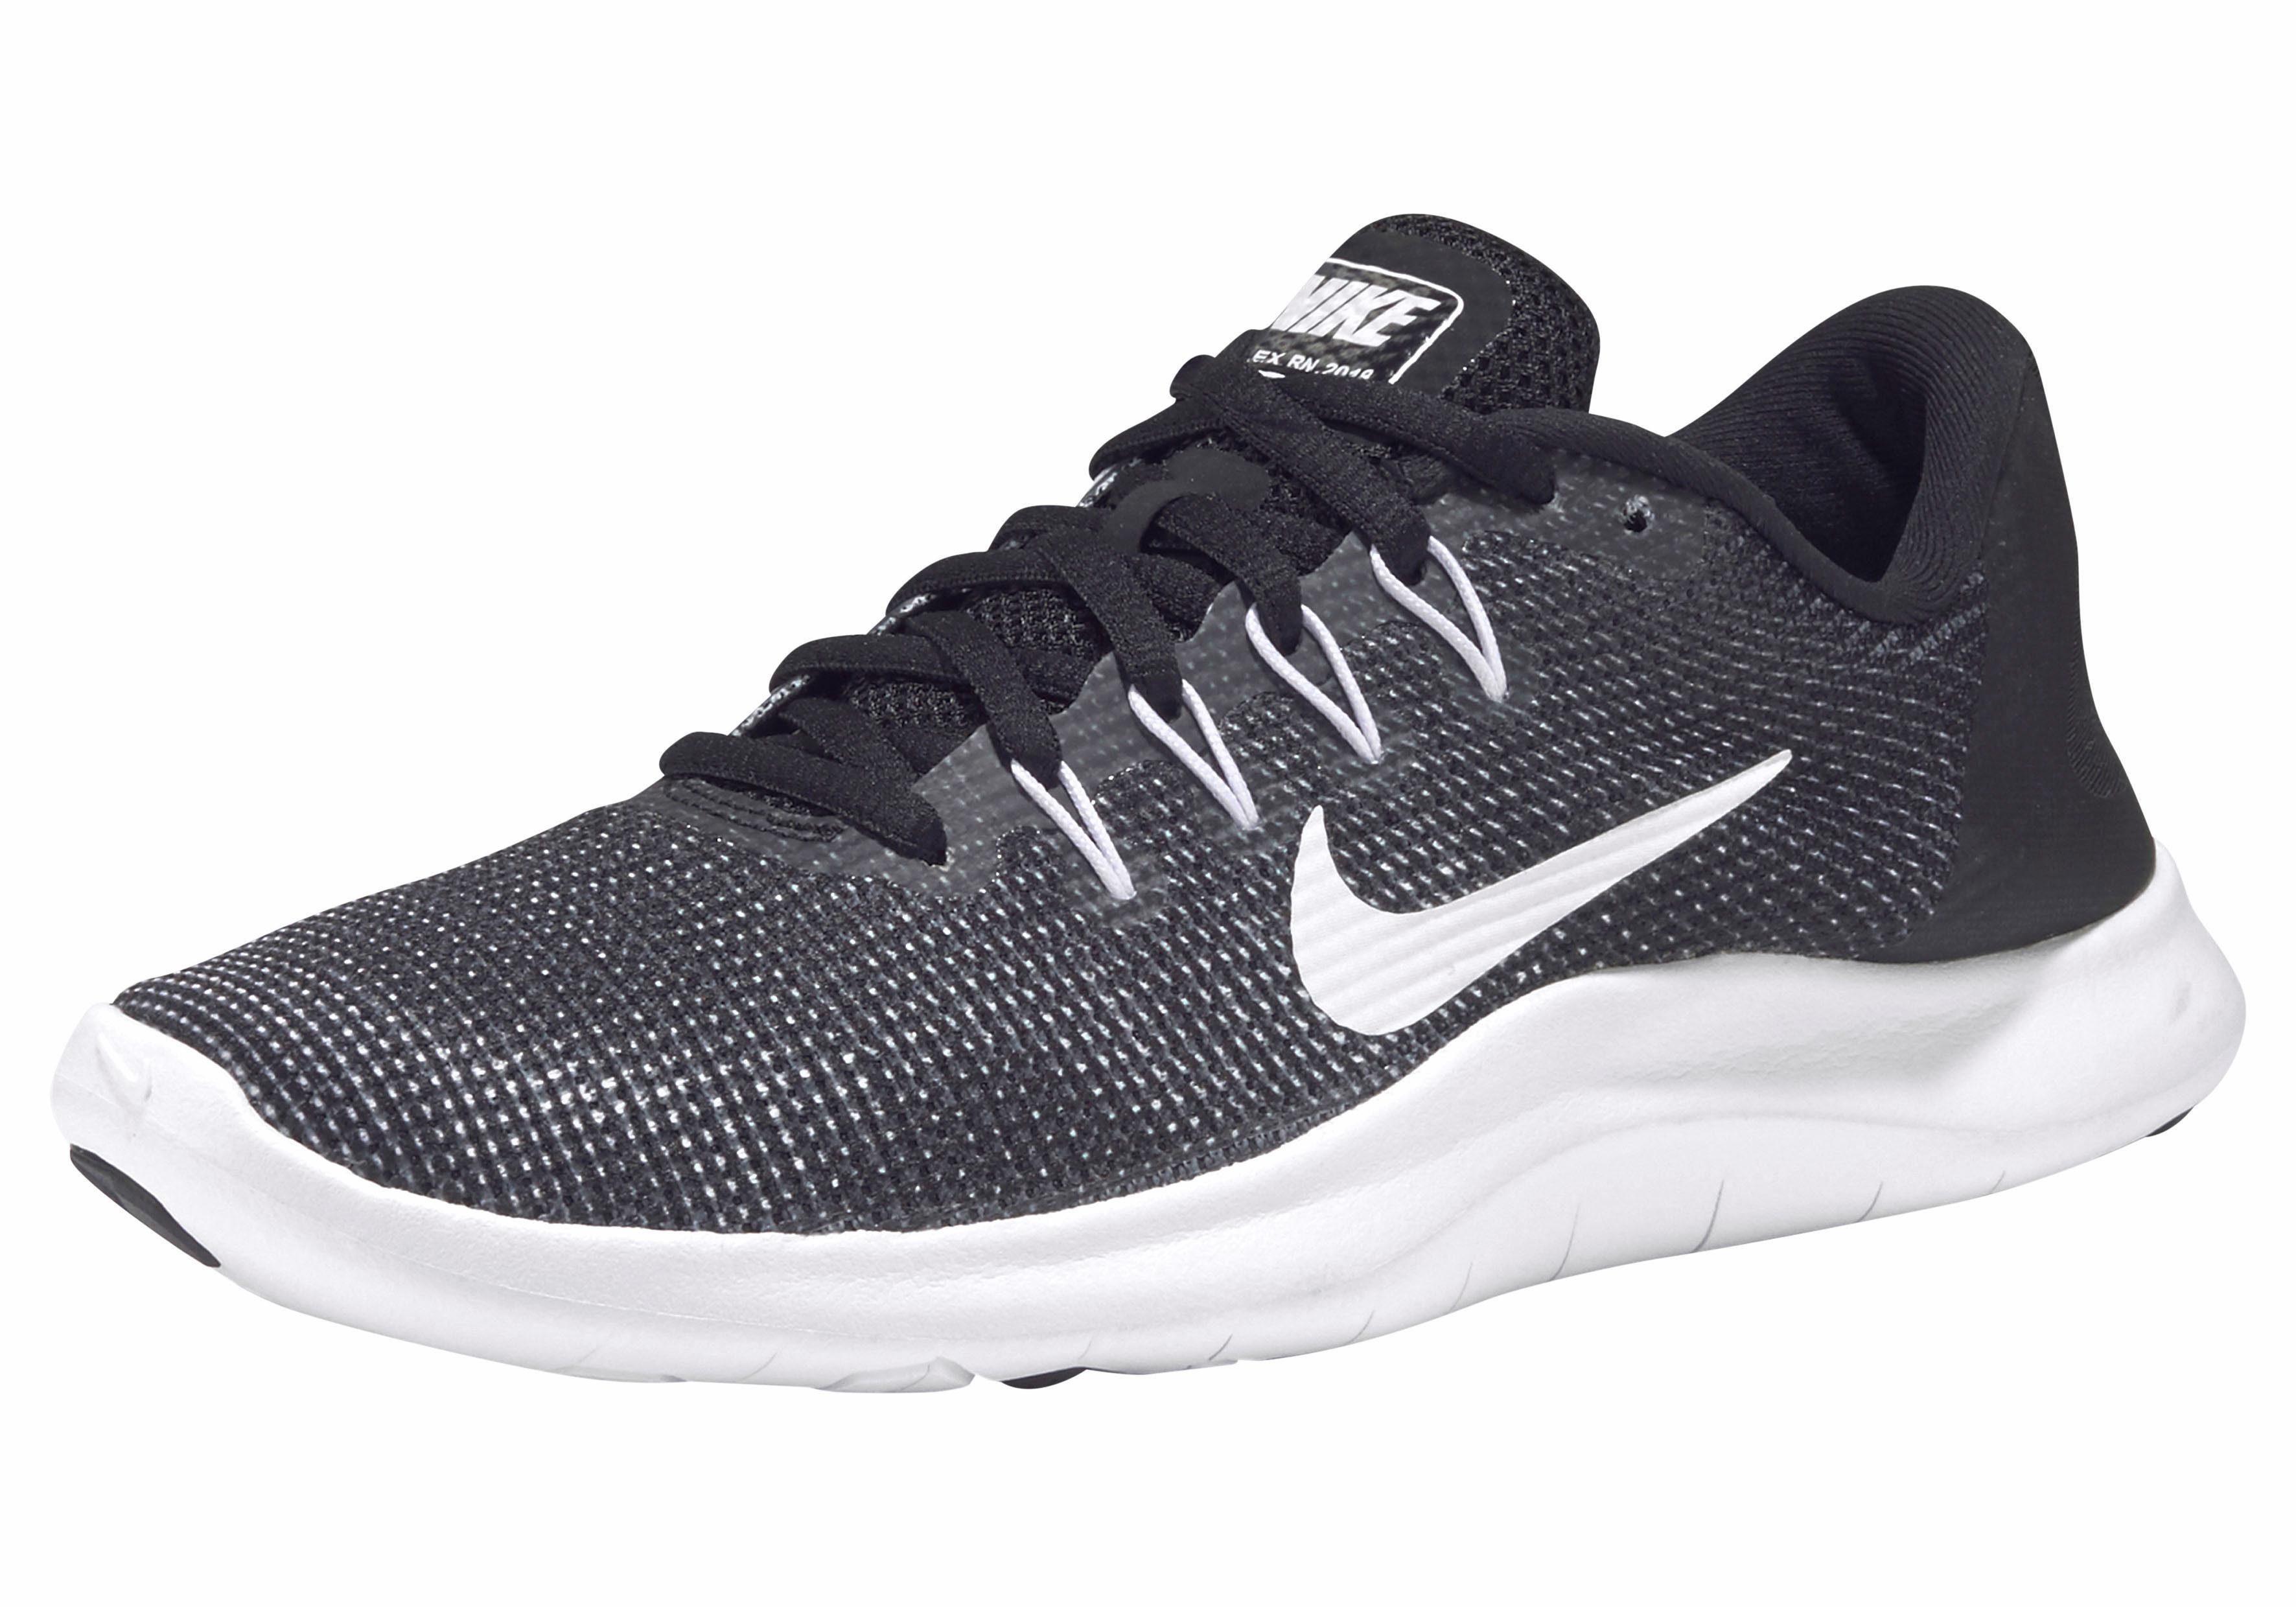 Nike »Wmns Flex Run 2018« Laufschuh, Leichter Laufschuh von Nike online kaufen | OTTO